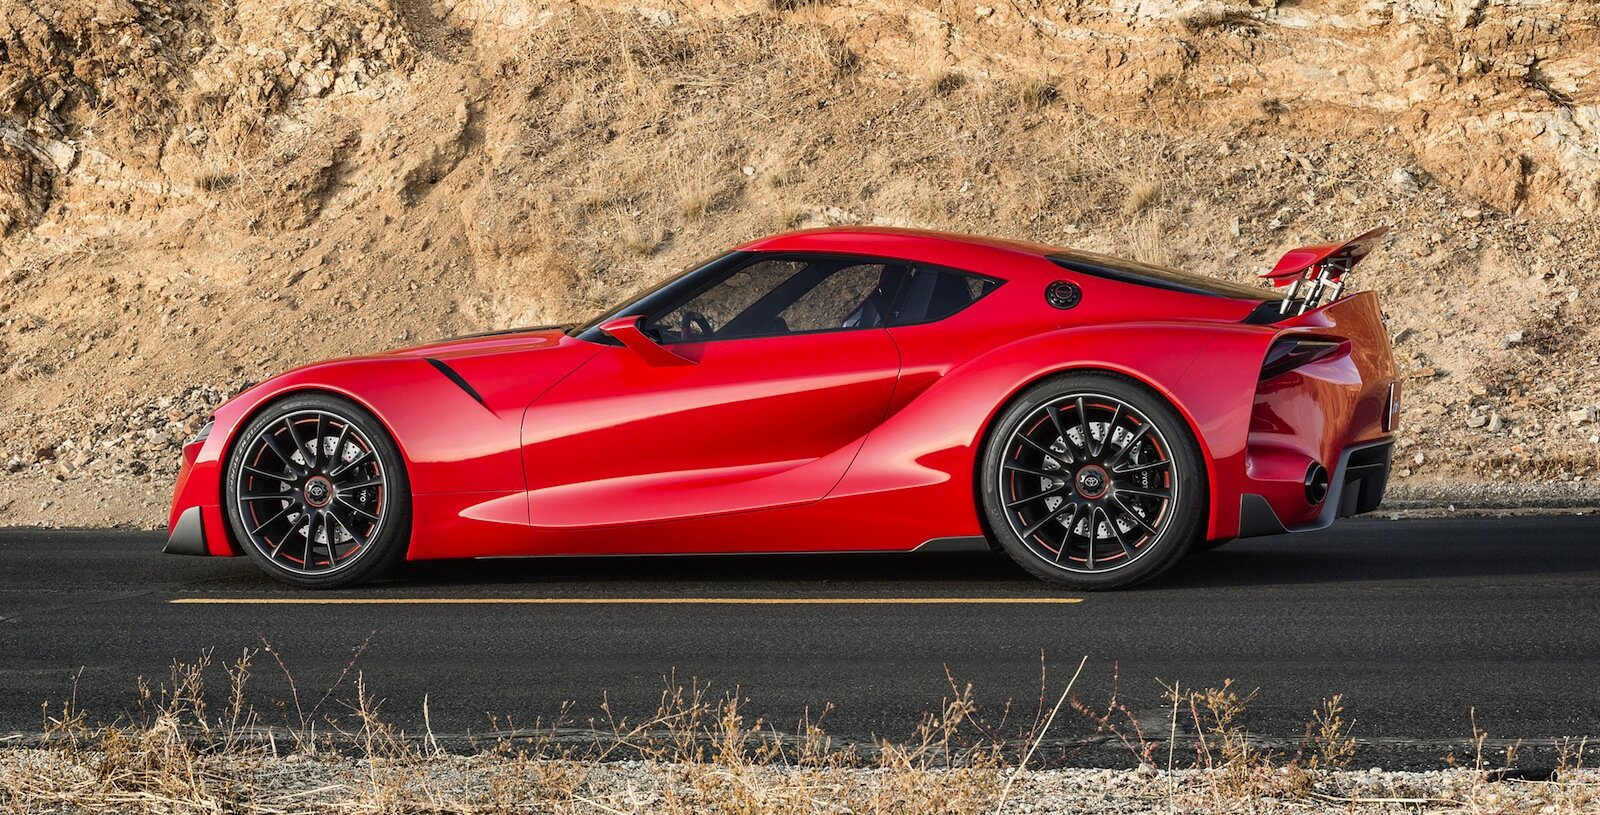 Toyota FT-1 đã thay đổi quan niệm của mọi người về các dòng xe của Toyota